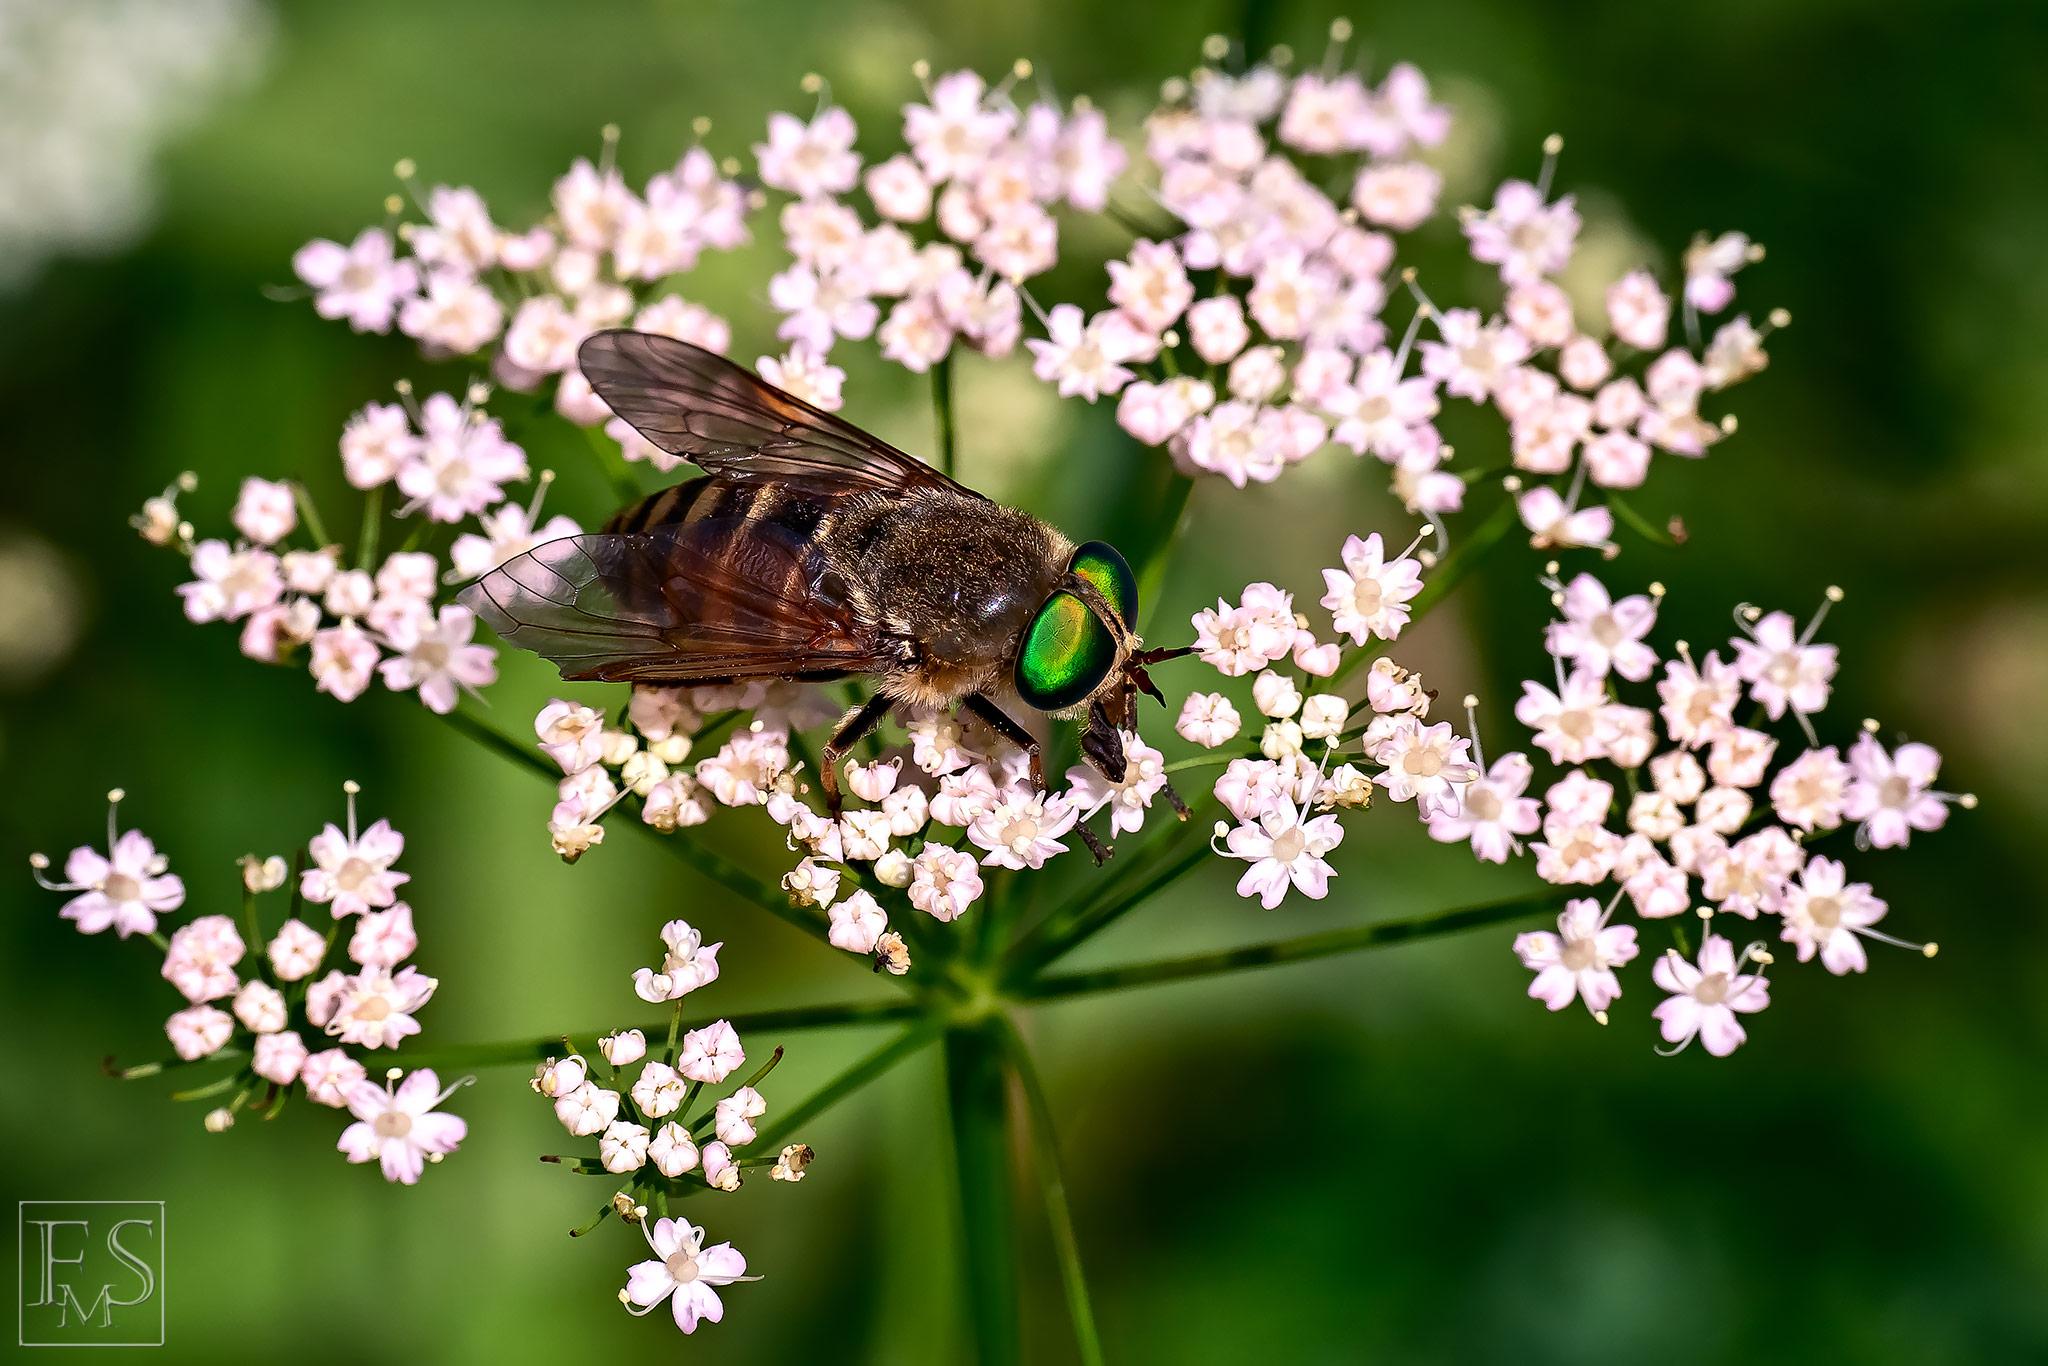 Green Eyez